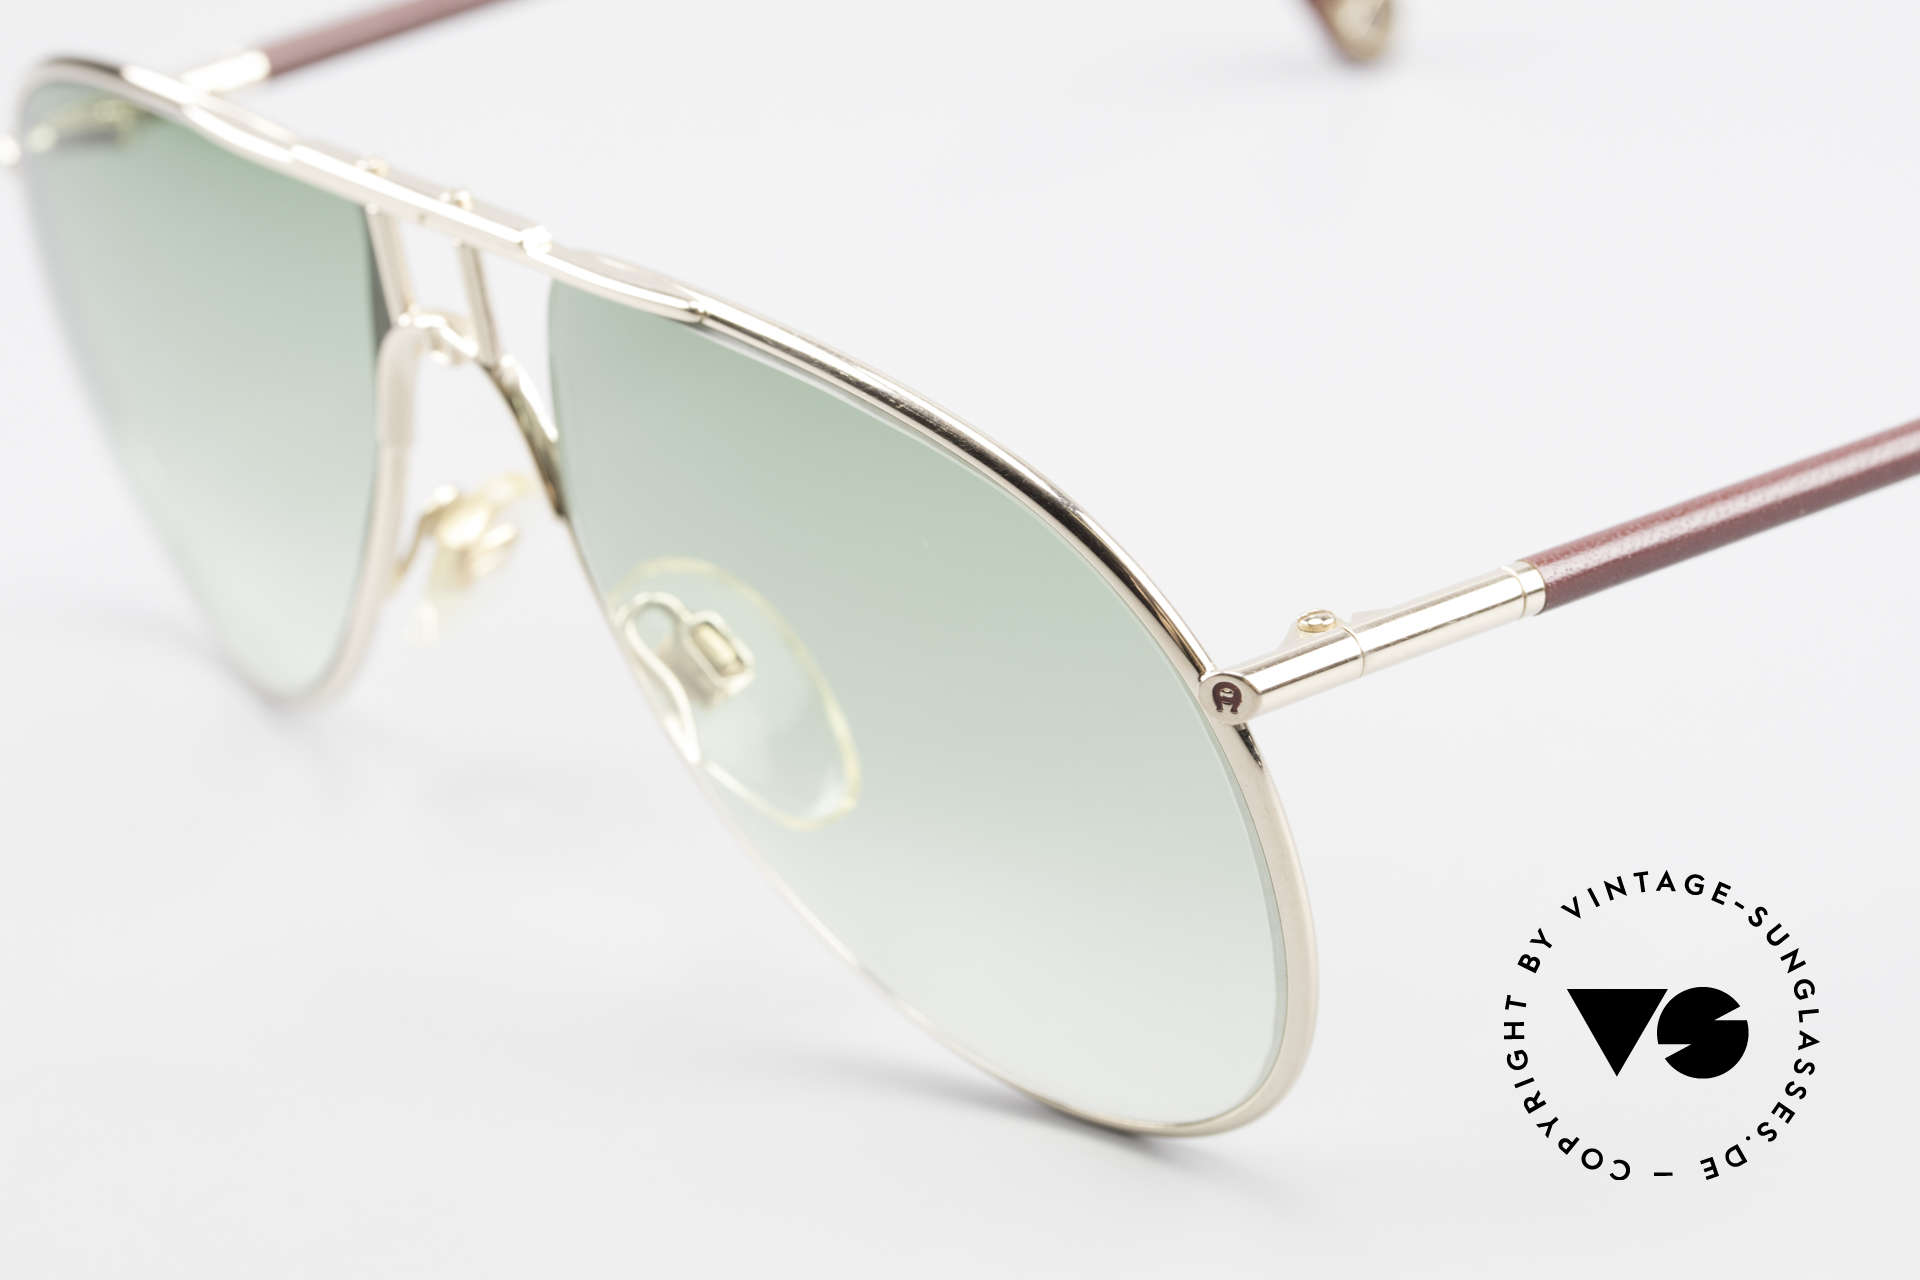 """Aigner EA3 Echt 80er Vintage Sonnenbrille, ein echtes """"Must-Have"""" für alle """"vintage Gentlemen"""", Passend für Herren"""